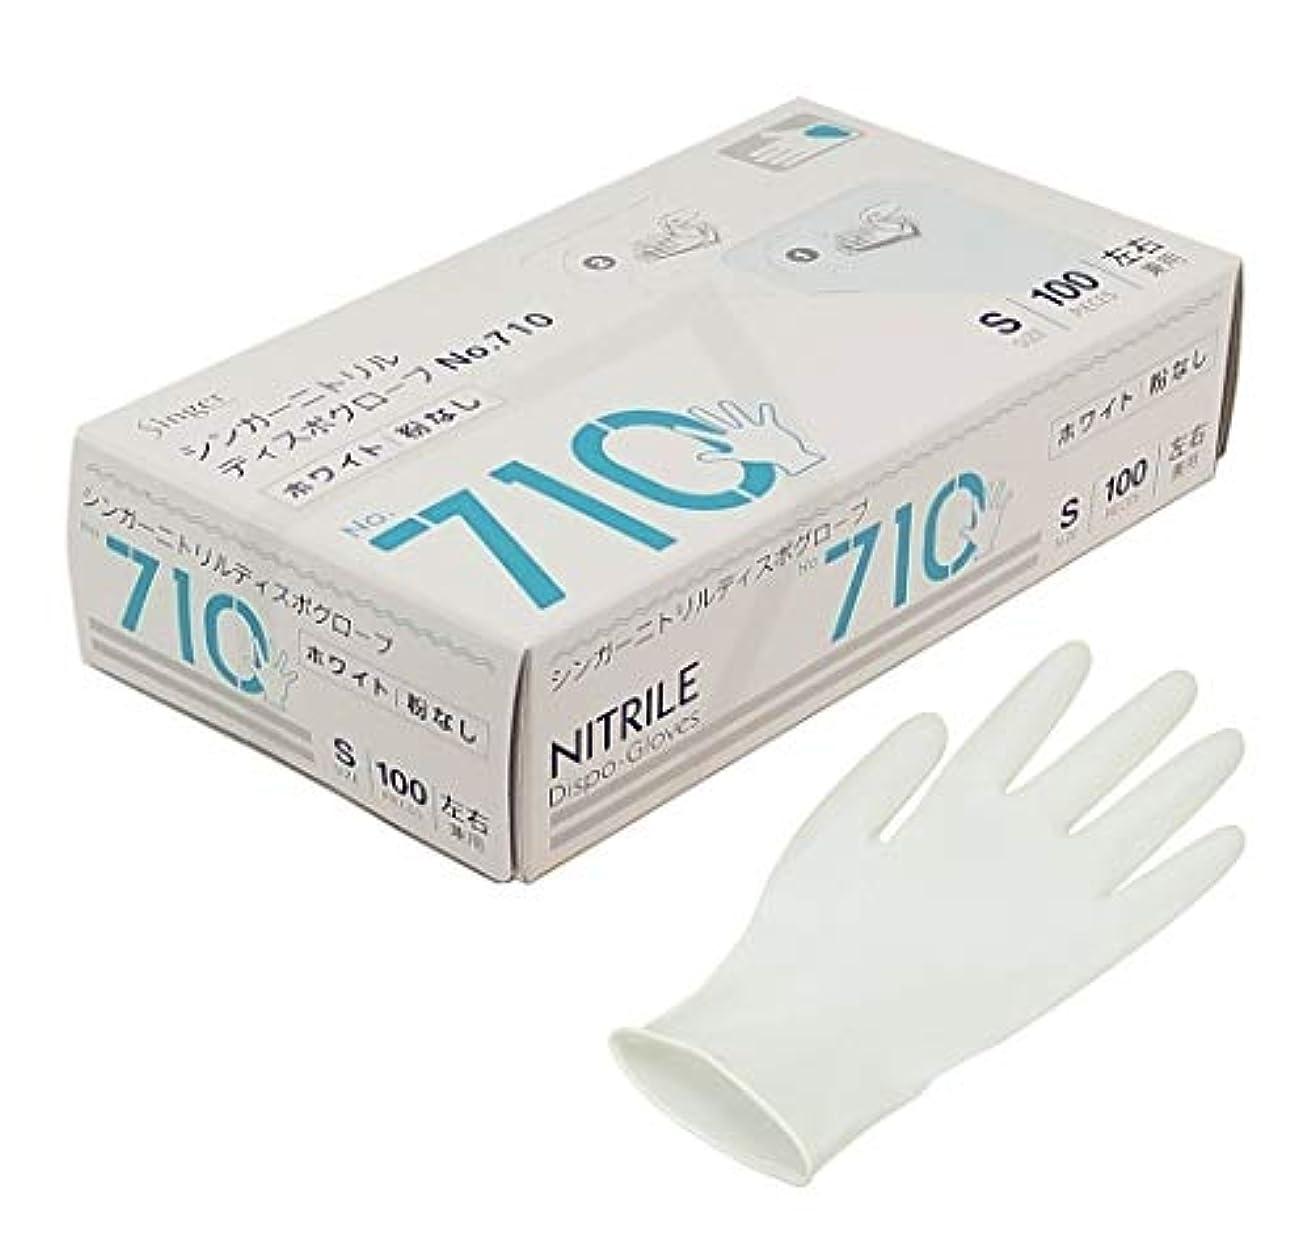 粗いキルトファブリックシンガー ニトリルディスポグローブ(手袋) No.710 ホワイト パウダーフリー(100枚) S